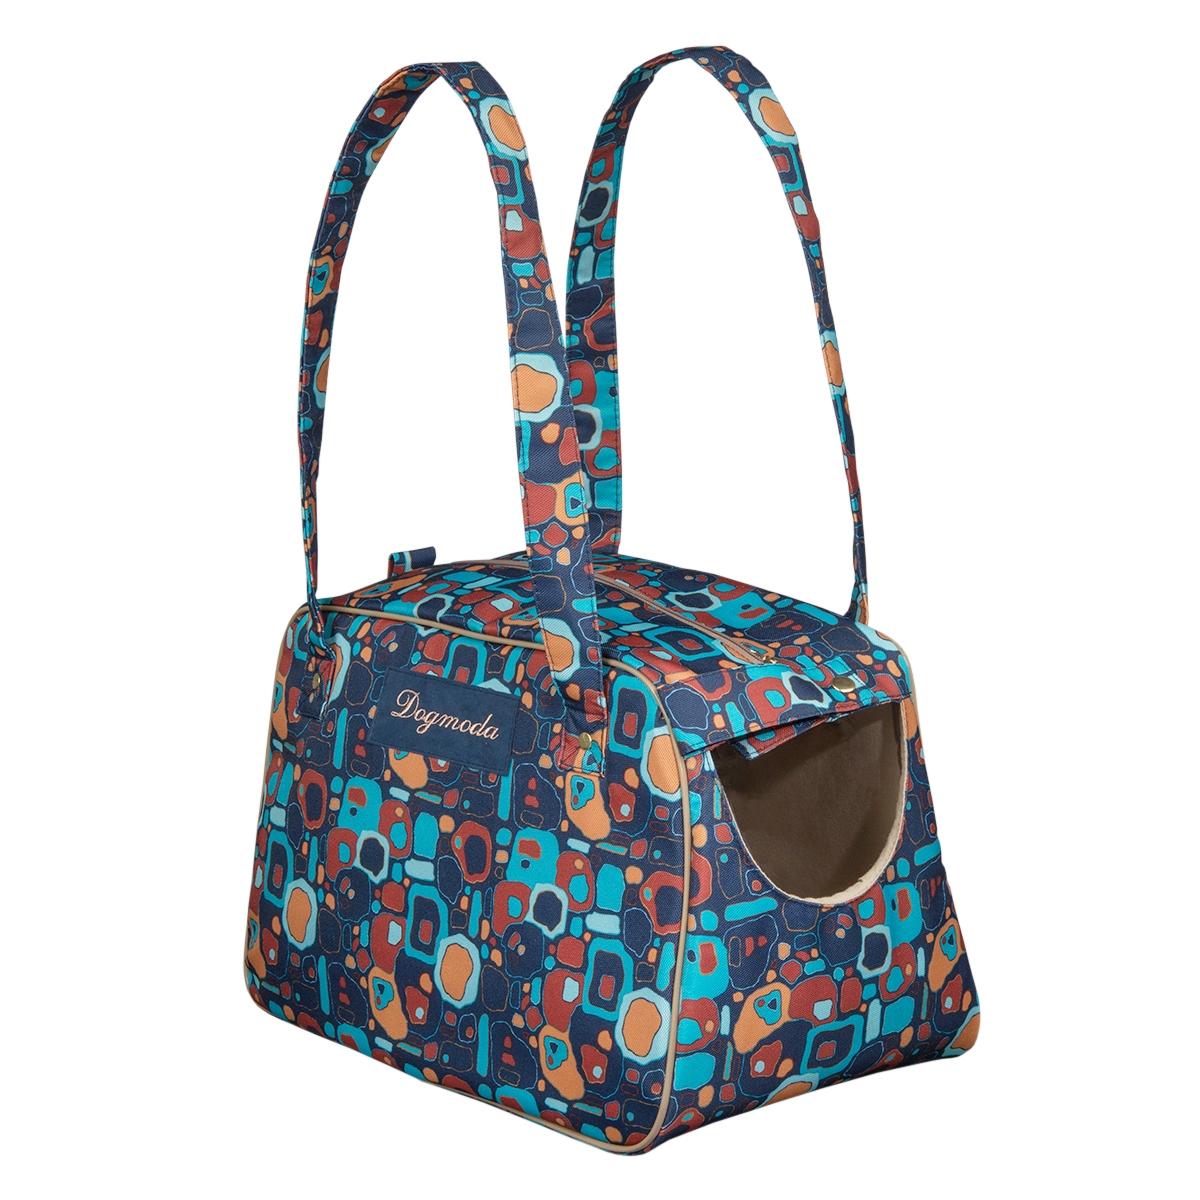 Сумка-переноска для животных Dogmoda Сити, 36 х 22 х 25 смDM-160118Сумка-переноска Dogmoda Сити станет стильным аксессуаром для вас и надежным убежищем во время прогулок и путешествий для вашего питомца. Сумка выполнена из специальной плотной сумочной ткани яркой расцветки. Модель вместительная, практичная и красивая. Такая сумка позволит брать питомца с собой куда угодно. Вашему четвероногому другу будет тепло и комфортно. А через удобное окошечко он сможет наблюдать по дороге за всем, что происходит вокруг. Модель застегивается на молнию и дополнительно хлястиком на кнопку. Предназначена для собак мелких пород и других животных небольшого размера. Сумка-переноска будет радовать удобством вашего любимца, а стильный внешний вид подчеркнет вашу индивидуальность.